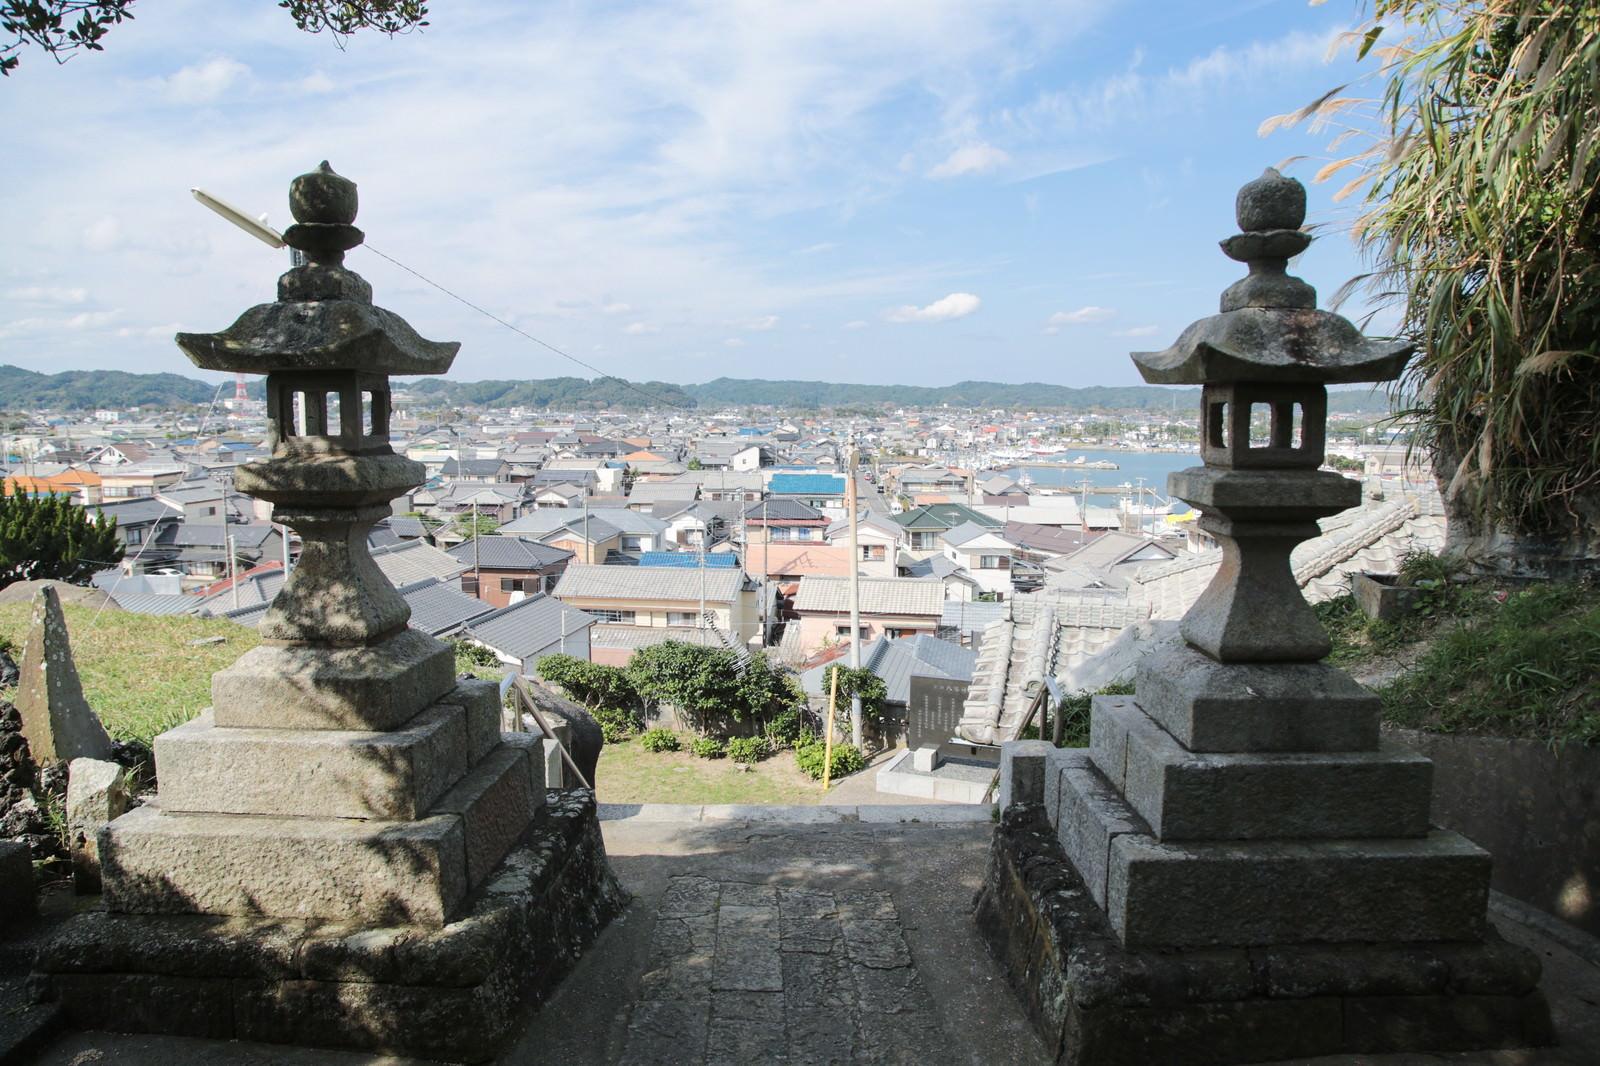 「小浜八幡神社からの街並み」の写真